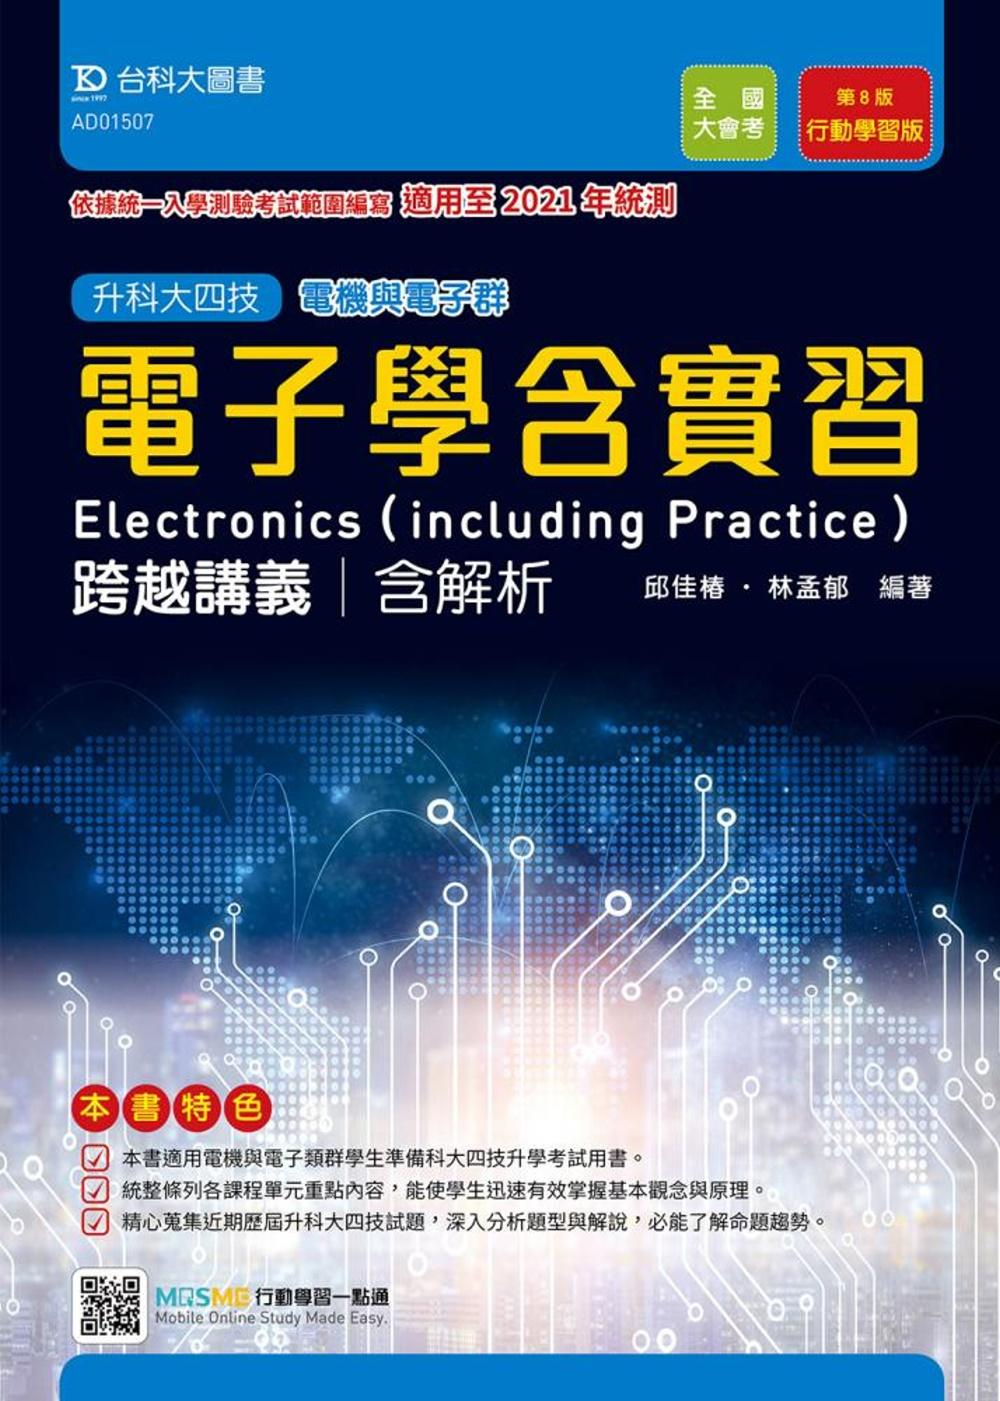 升科大四技電機與電子群電子學含實習跨越講義含解析 行動學習版(第八版)適用至2021年統測 附贈MOSME行動學習一點通